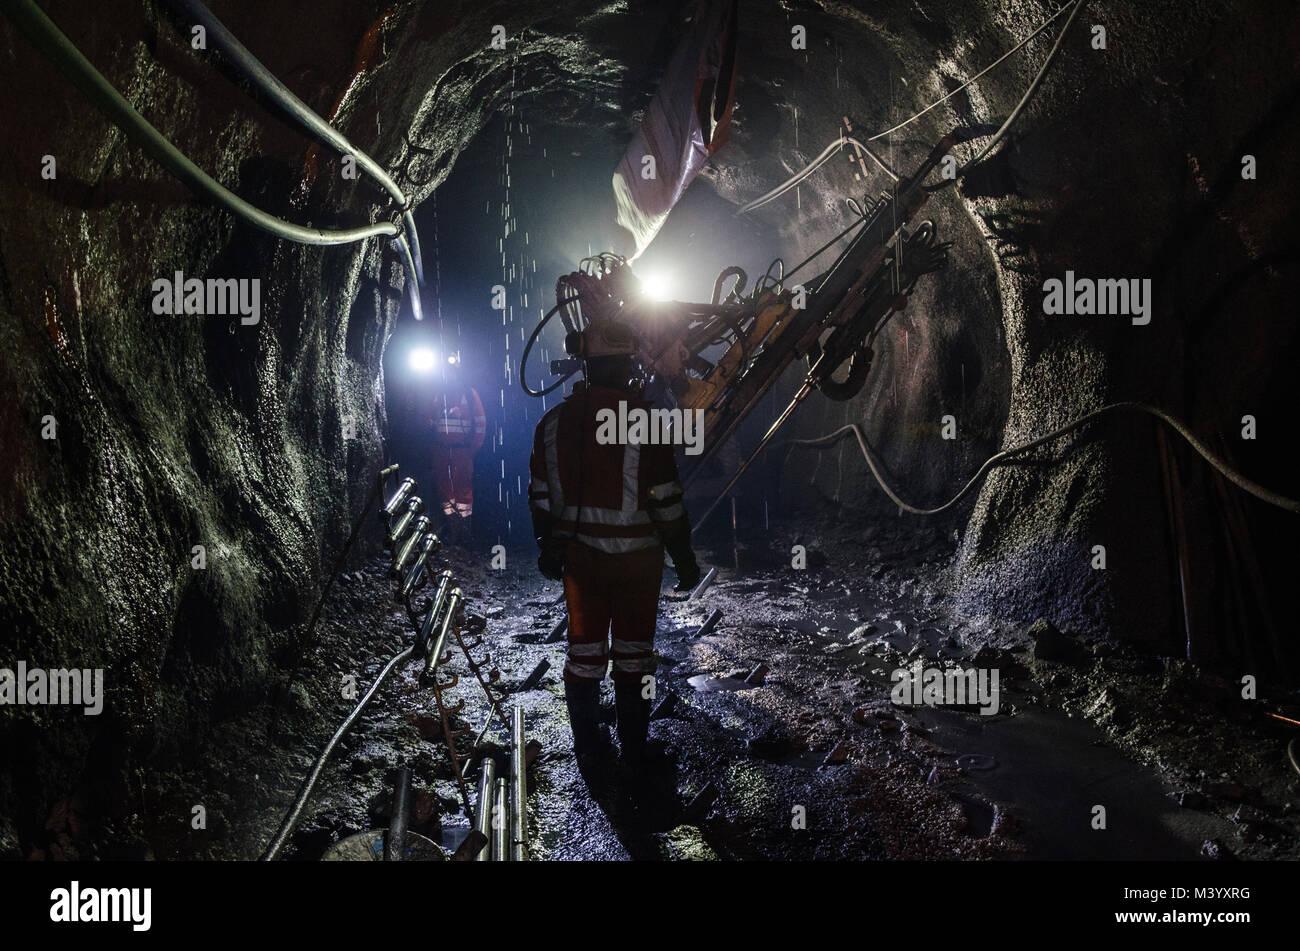 Mécanicien de machines d'exploitation minière Photo Stock